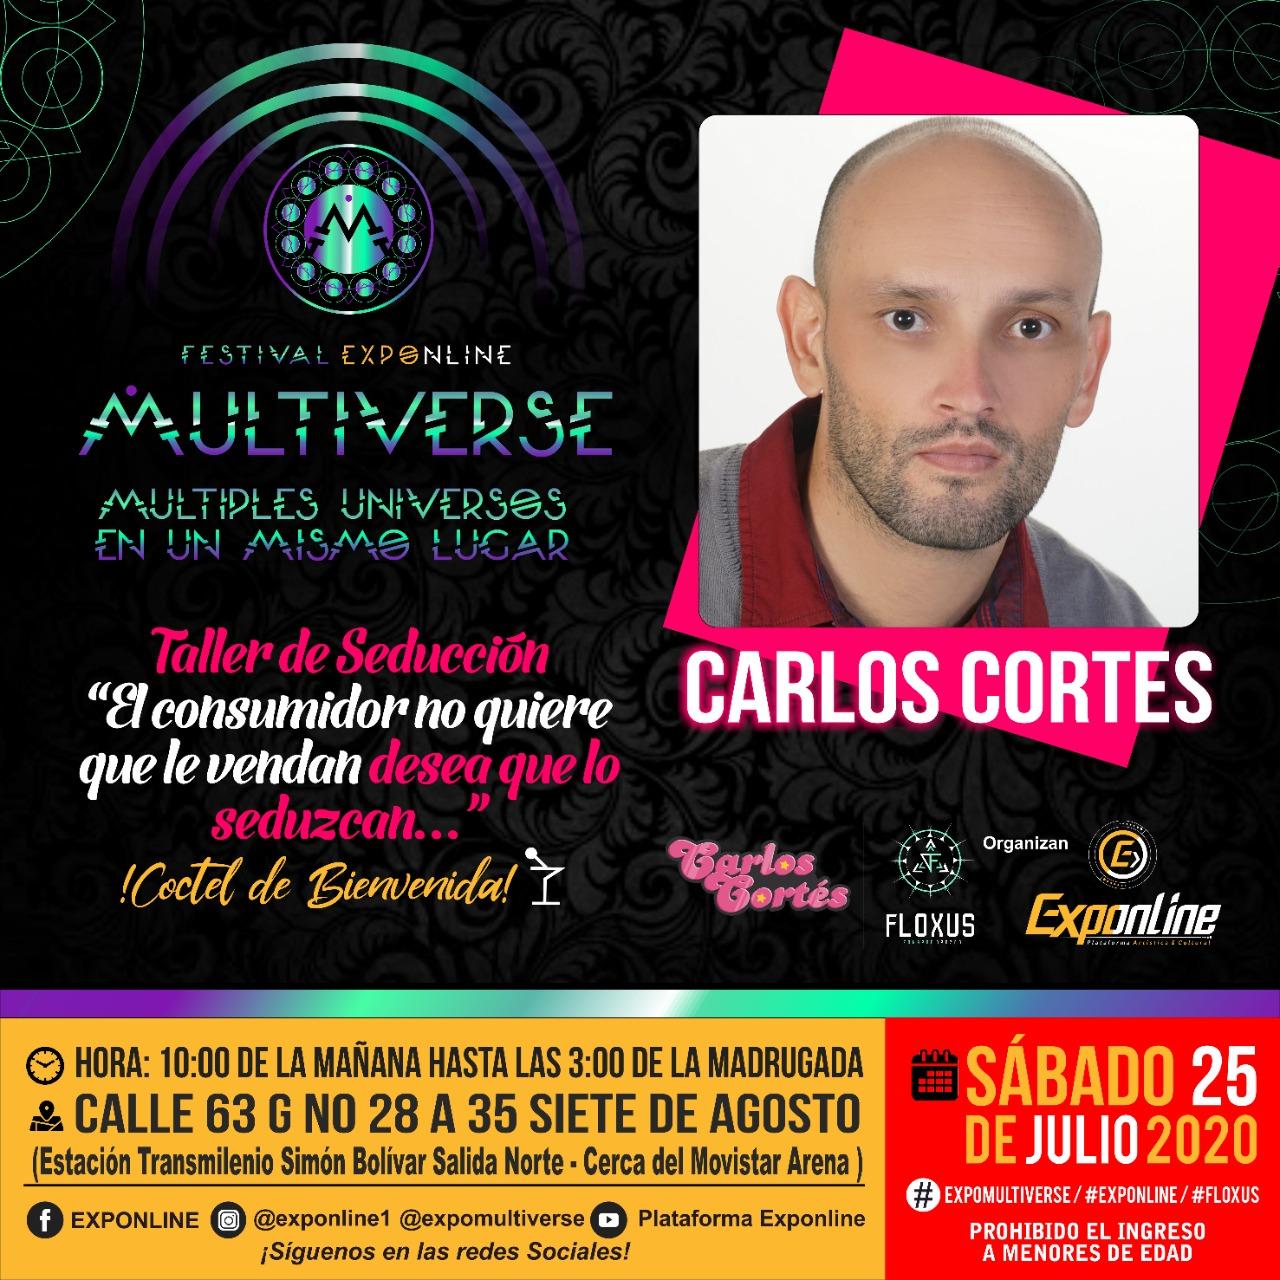 Festival Expoline Carlos Cortés